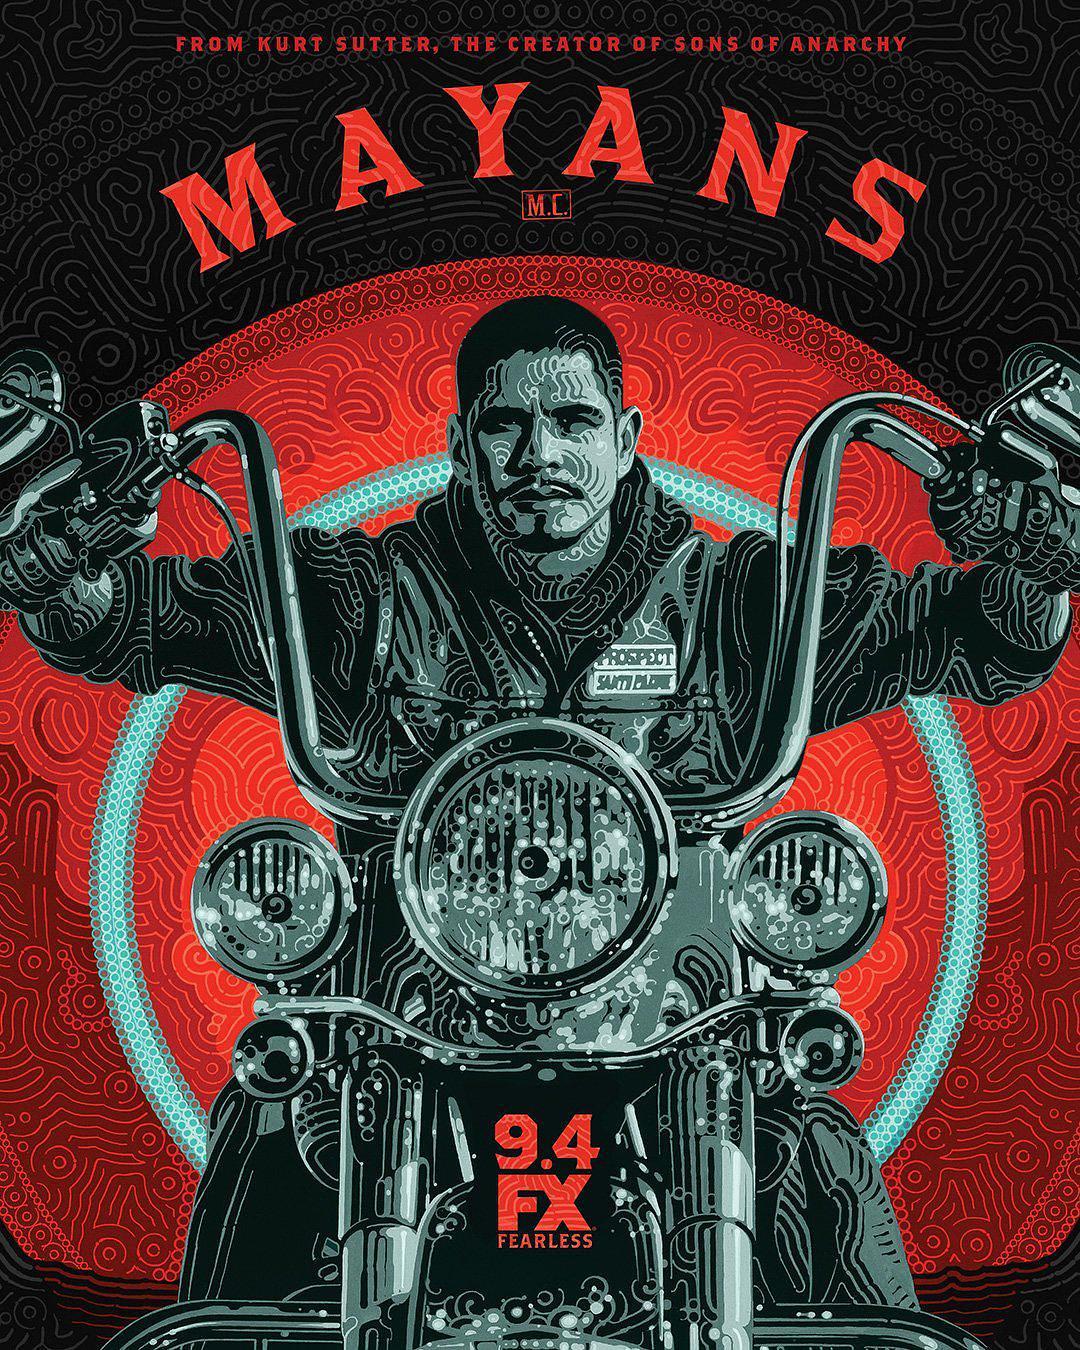 瑪雅幫 第二季 Mayans M.C. Season 2